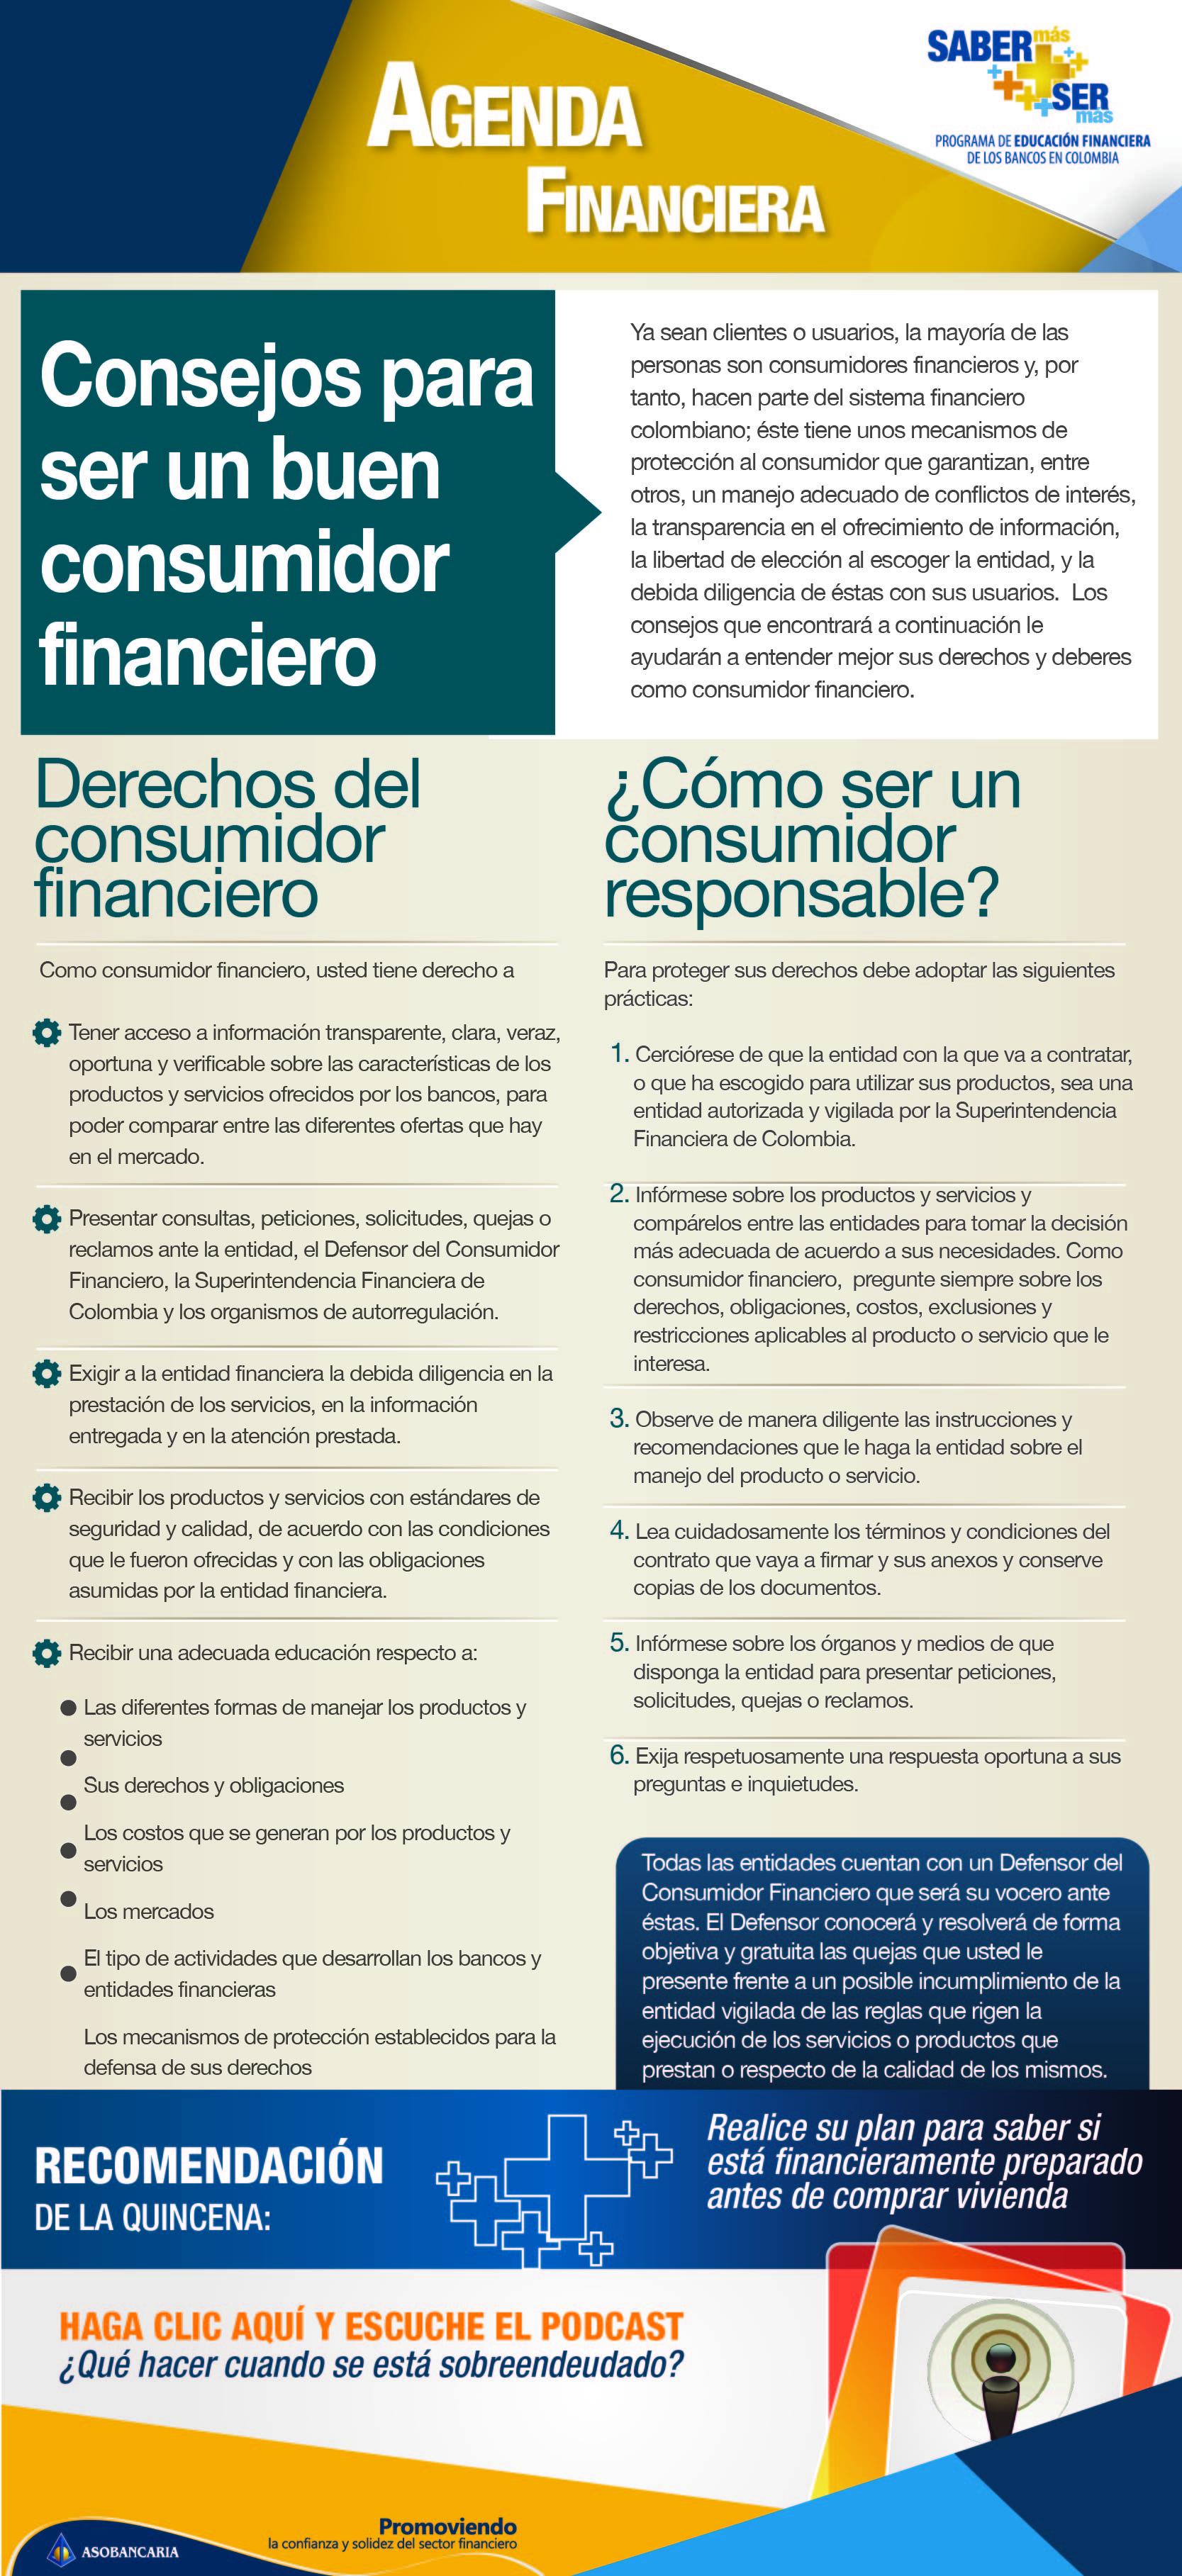 Boletin 3 - Consejos para ser un buen consumidor financiero